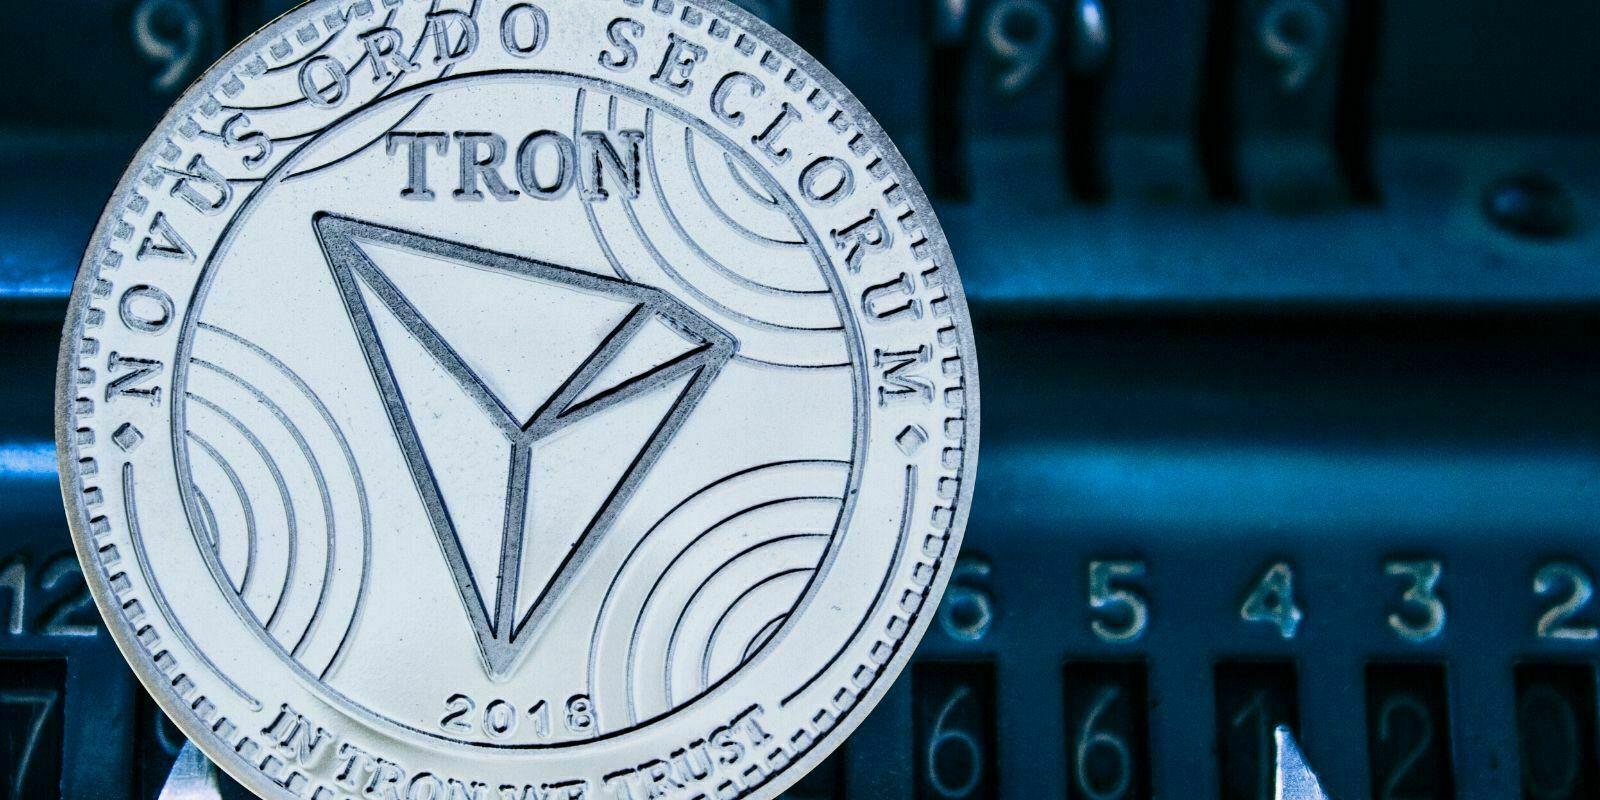 TRON (TRX) commence à tester les transactions anonymes avec zk-SNARK